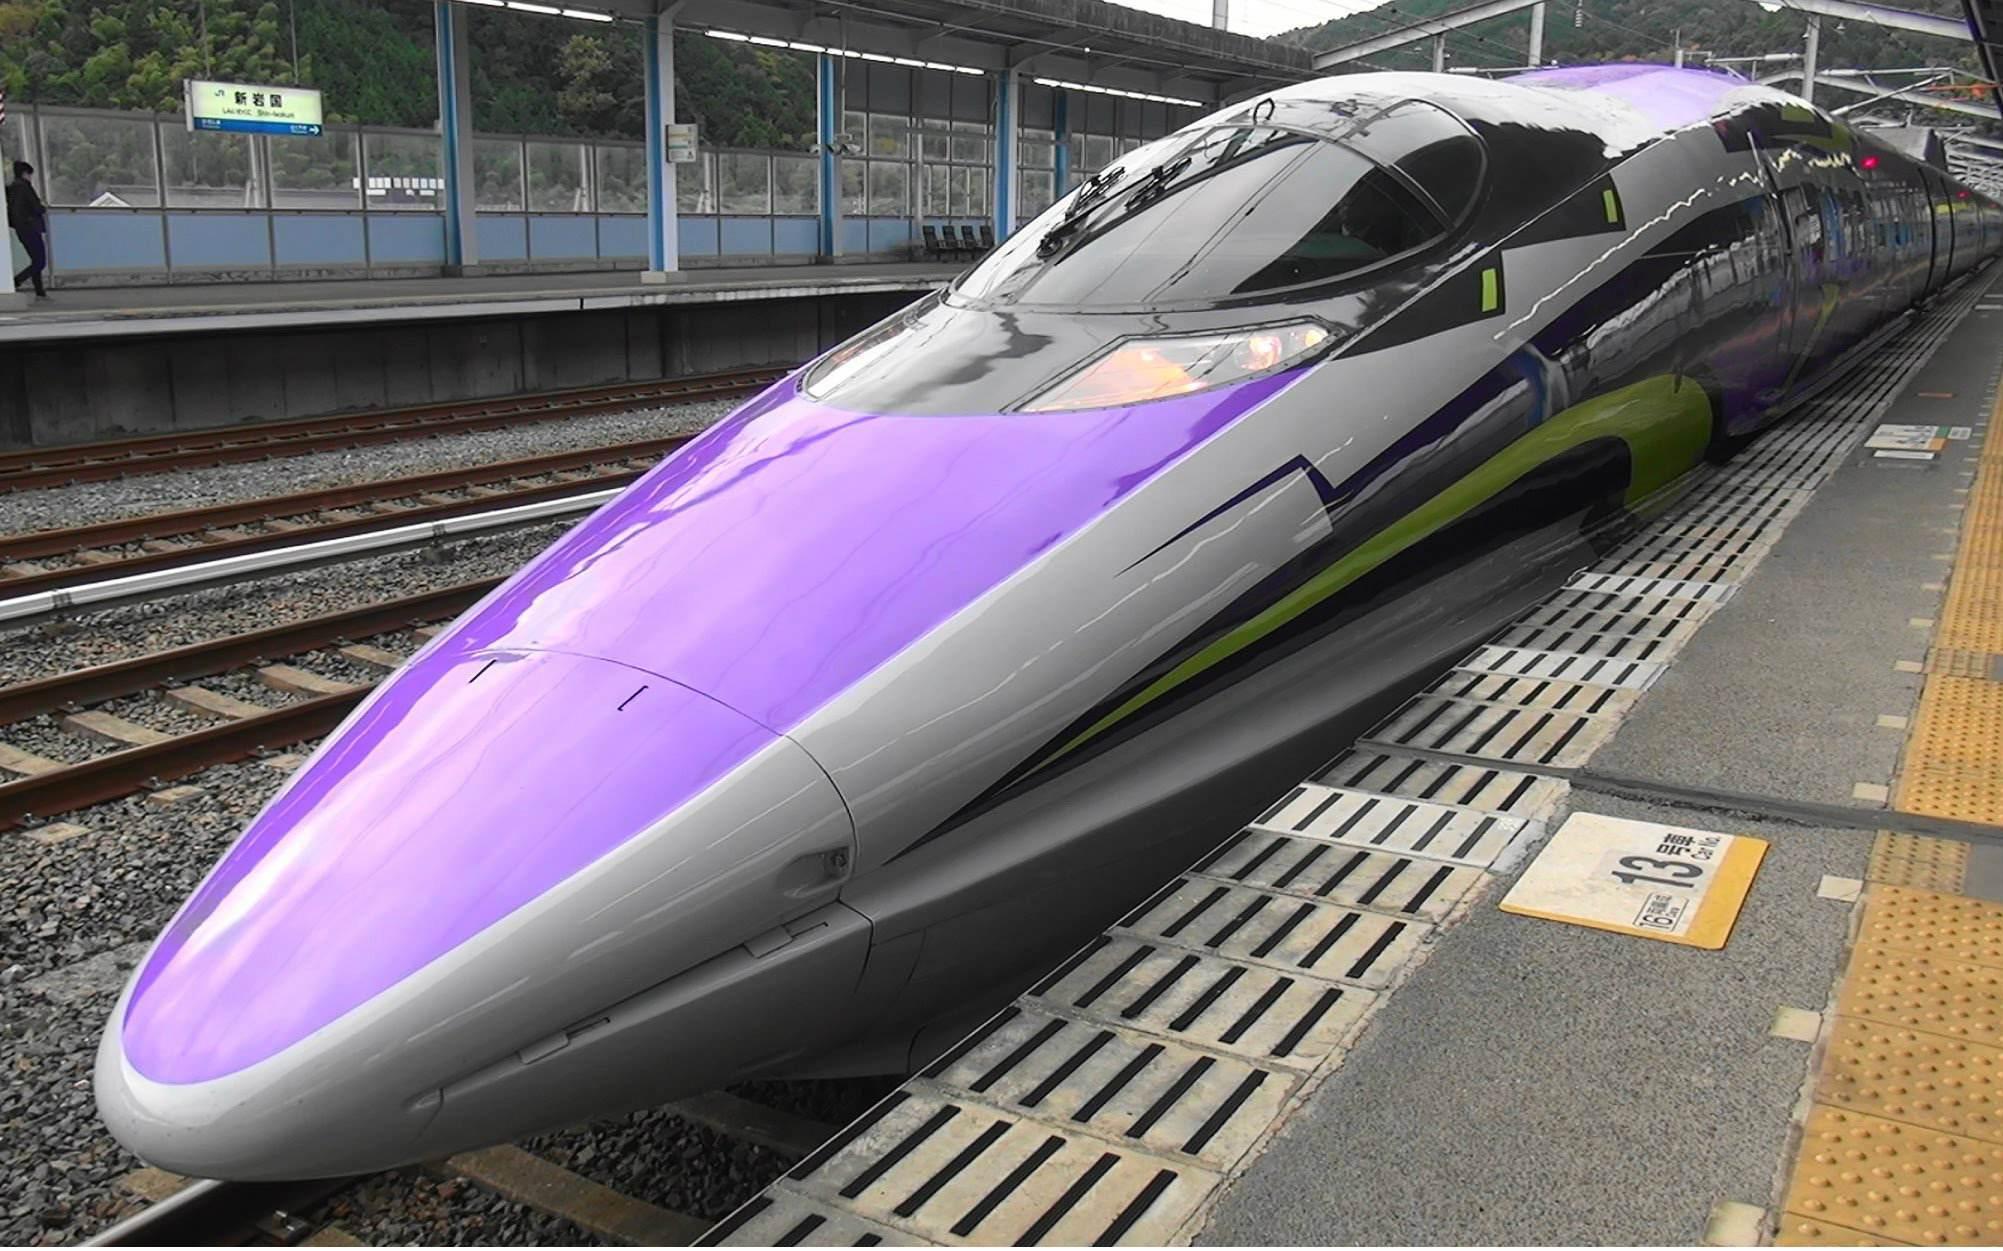 时速4812千米,日本高铁音速4倍,科普翻车:无知还是日吹?